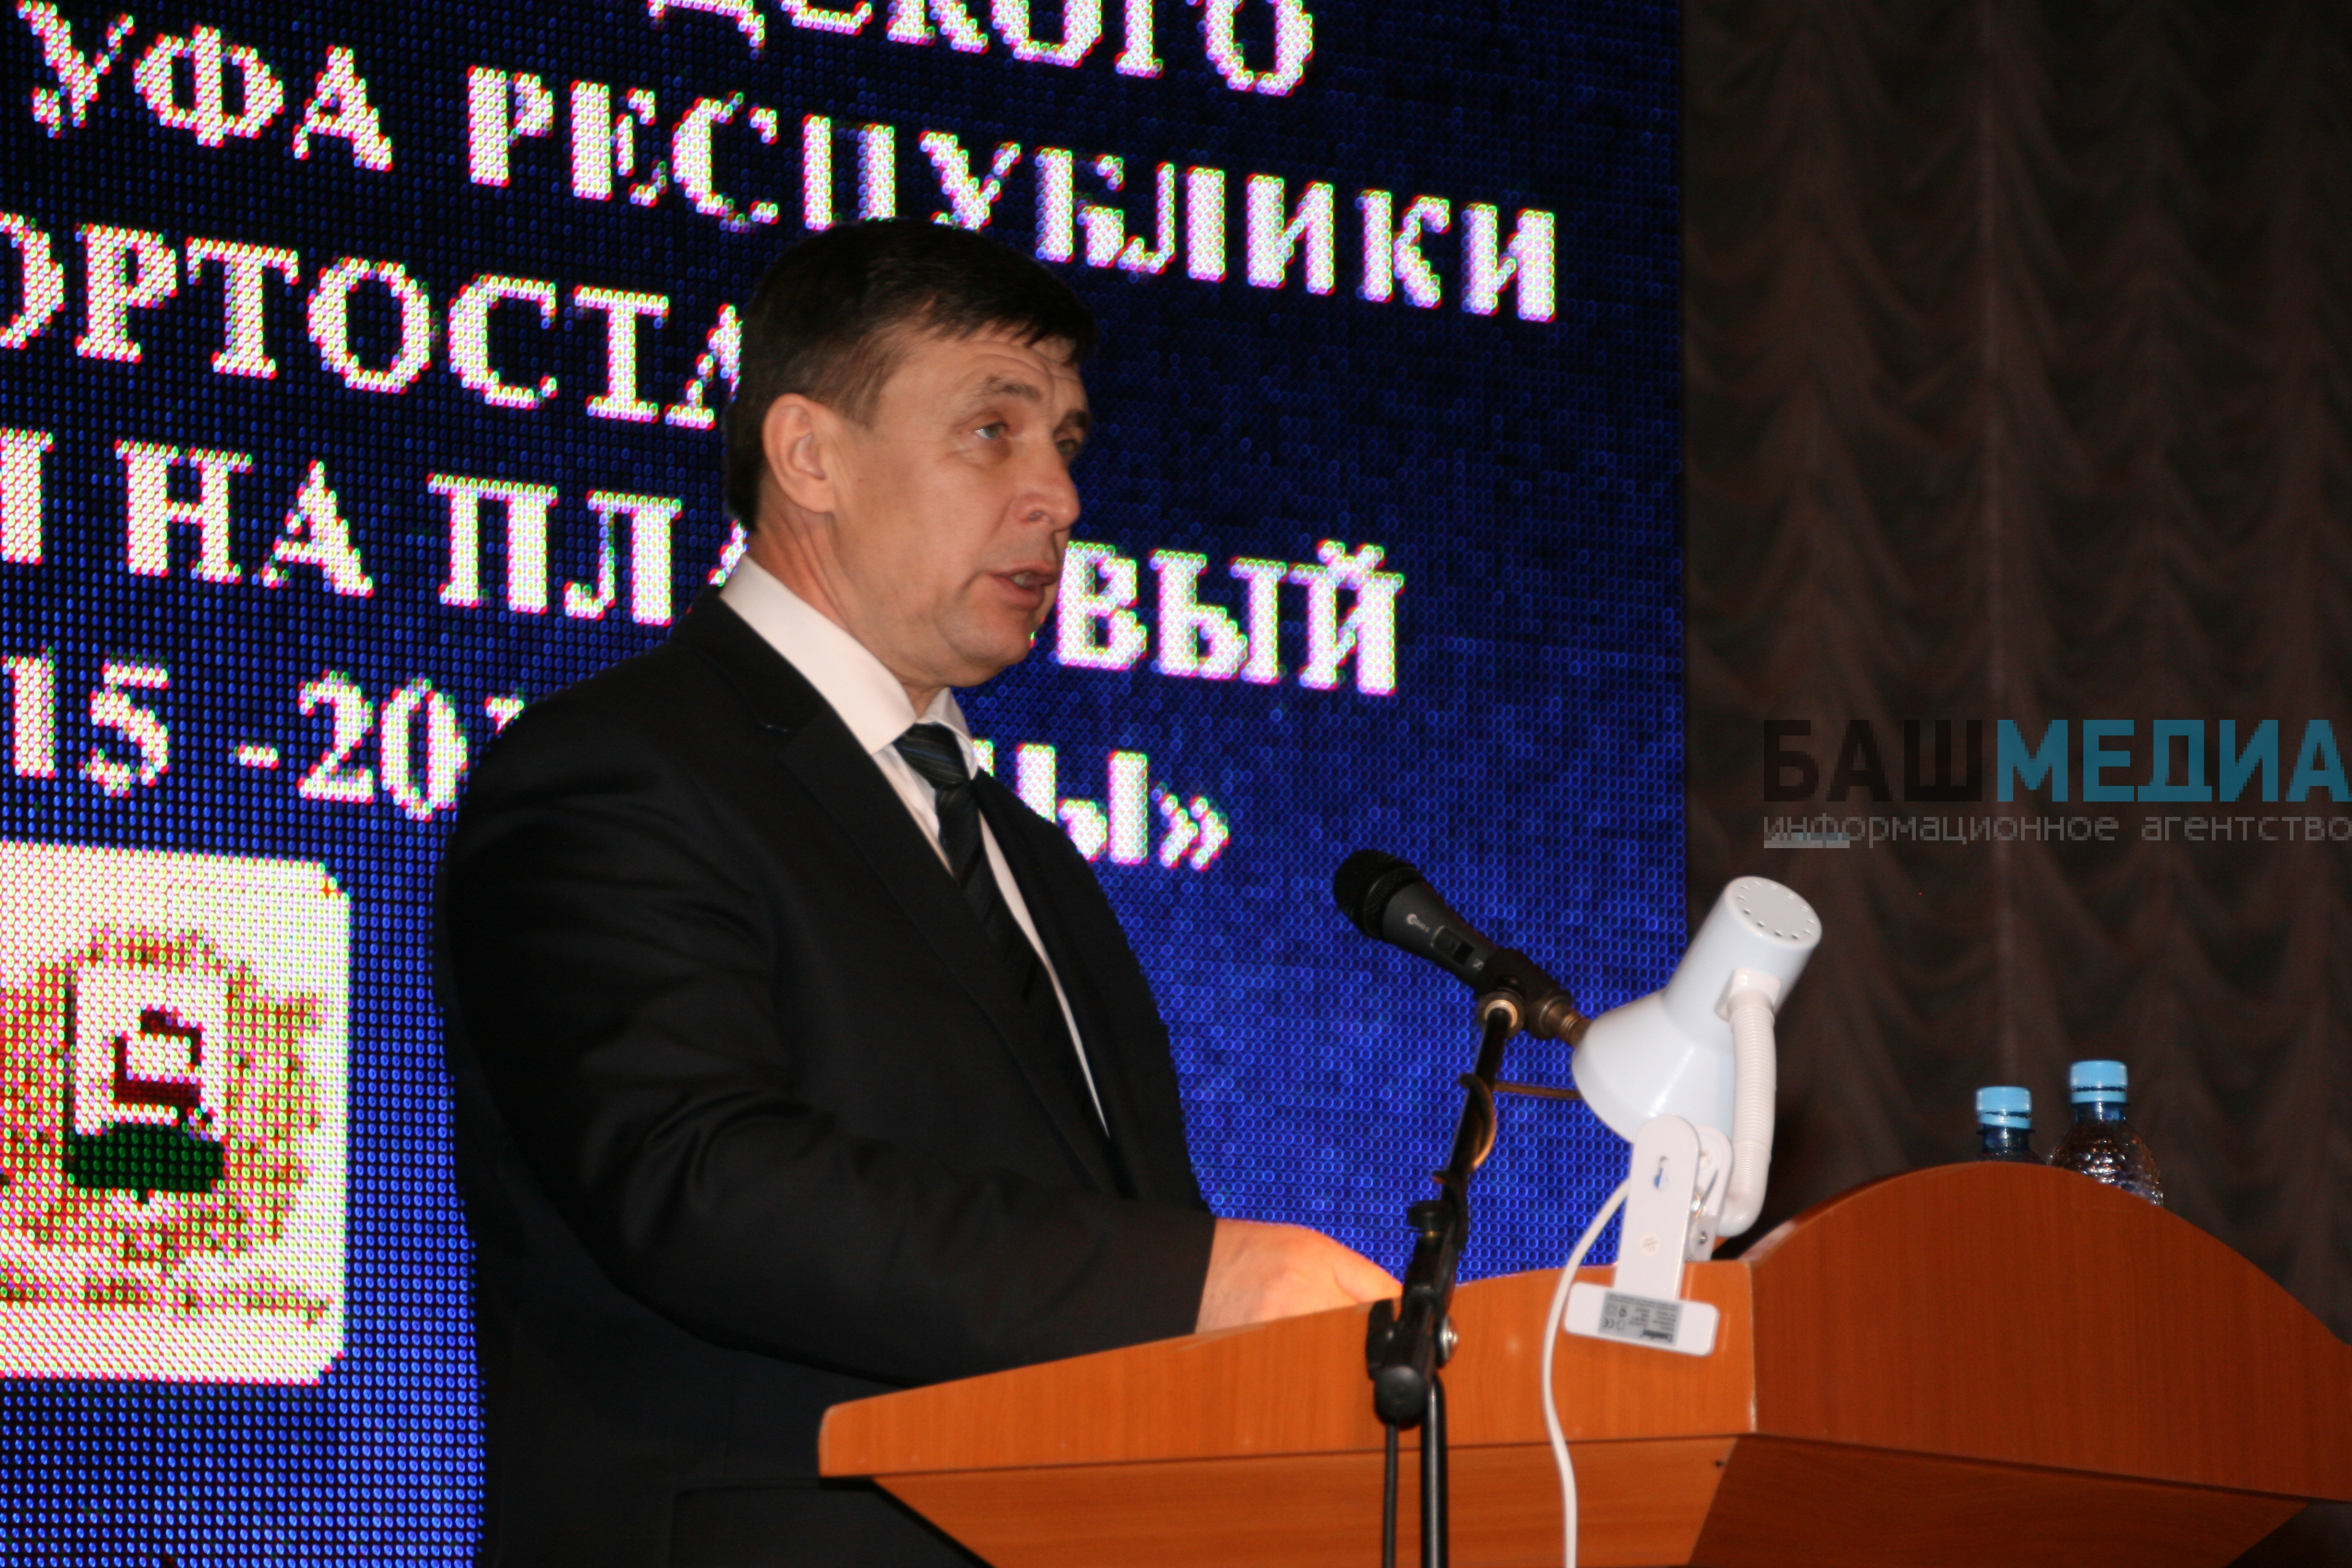 Илгиз Насыртдинов